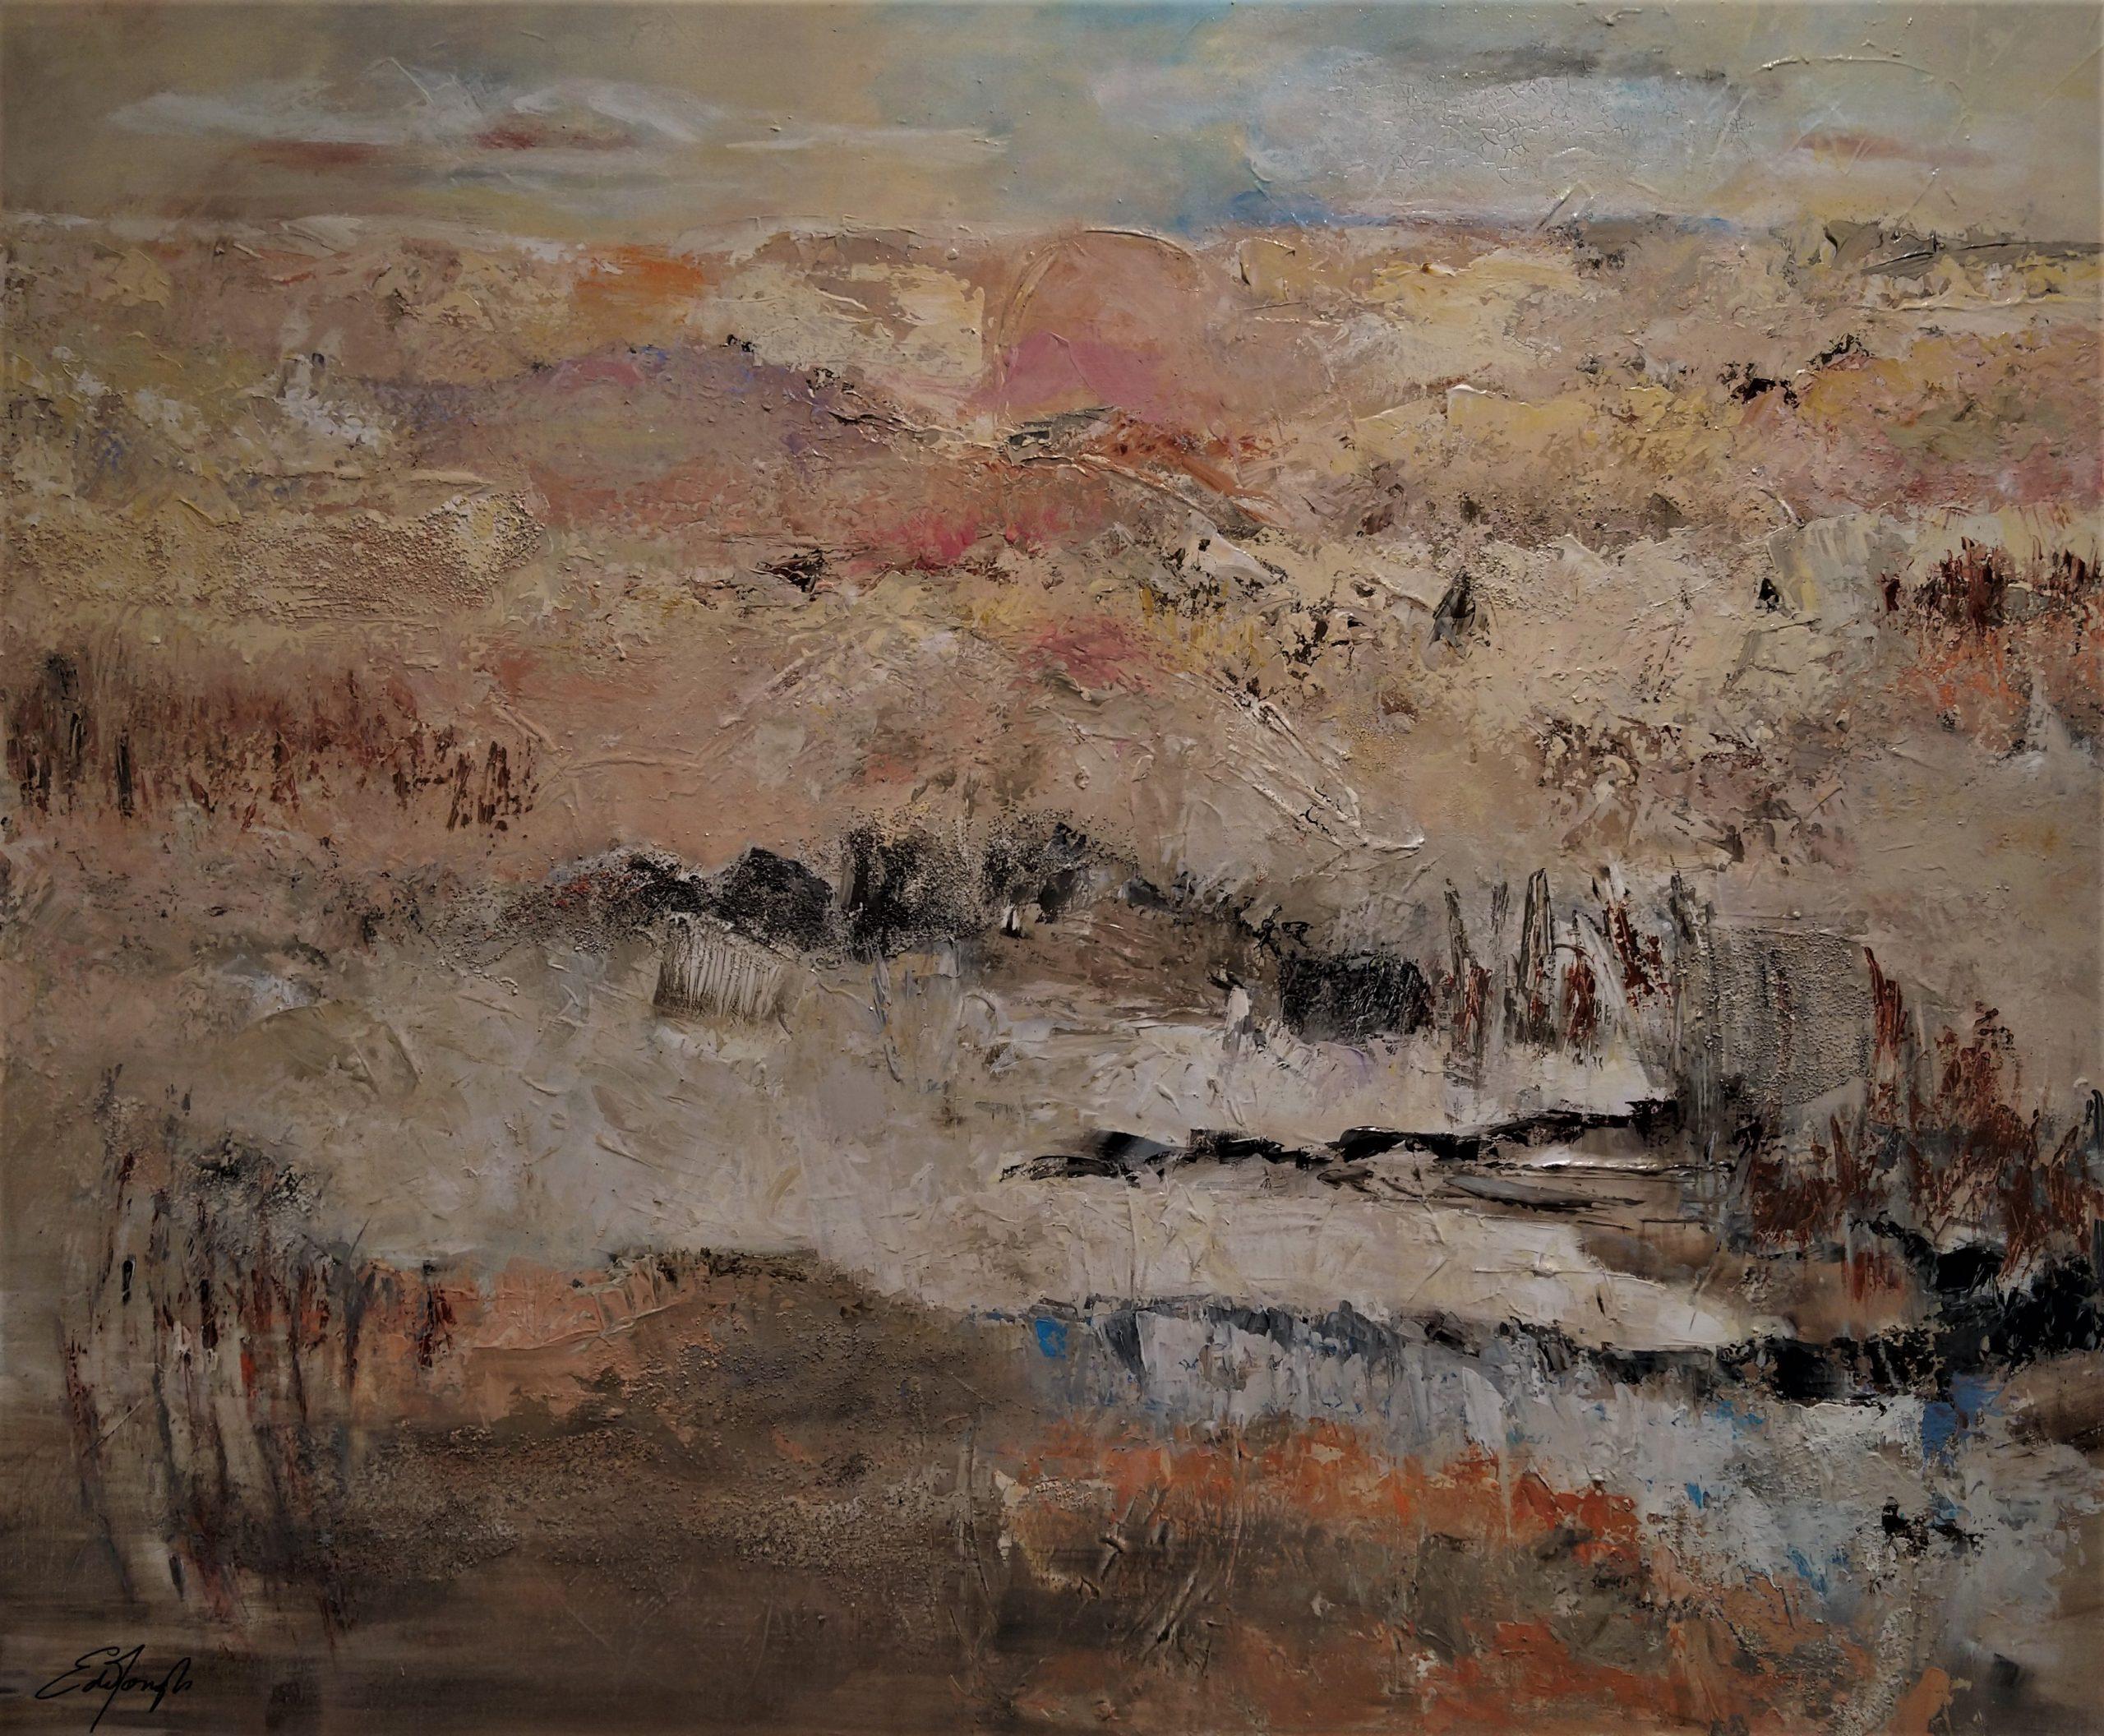 schilderij acrylverf op canvas 100 x 120 cm